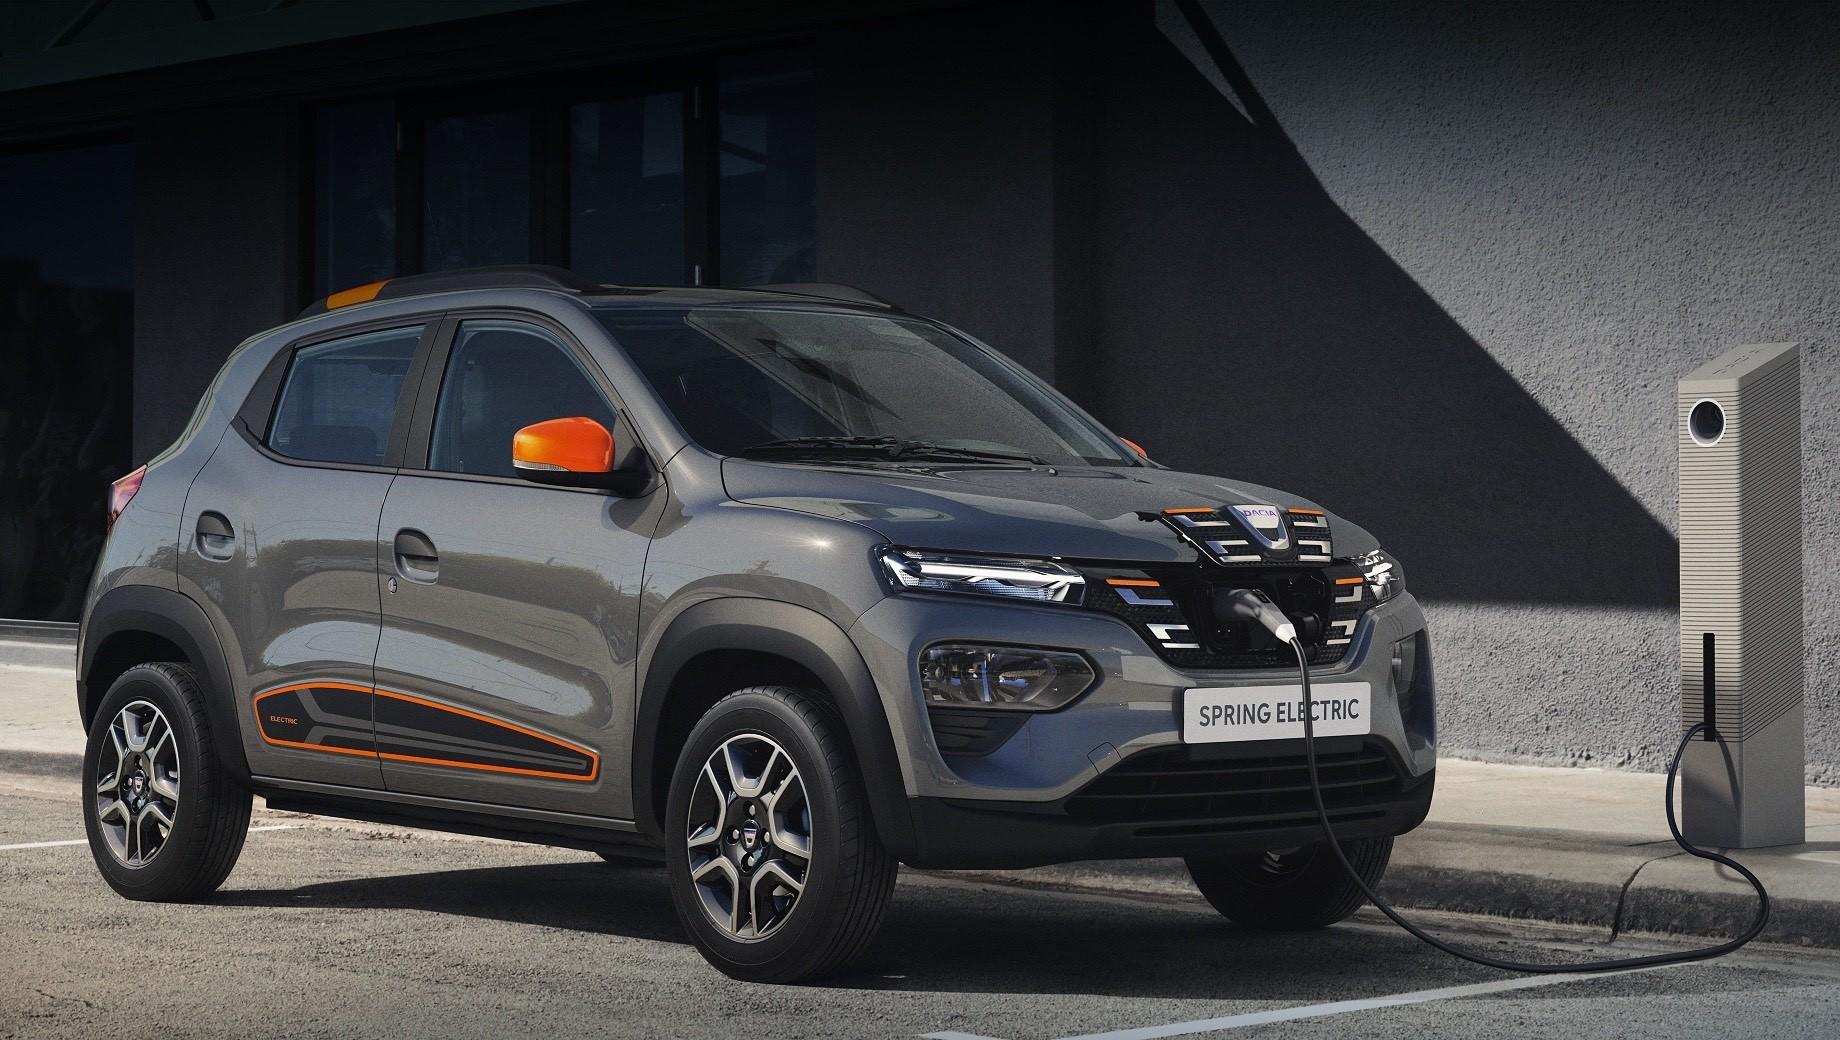 Dacia spring. Dacia Spring — первый в истории бренда электрокар. Однако этот автомобиль представляет собой перелицованного двойника модели Renault City K-ZE с точно такой же техникой. К слову, заводская гарантия на Spring составляет три года или 100 000 км, а на его батарею — восемь лет или 120 000 км.